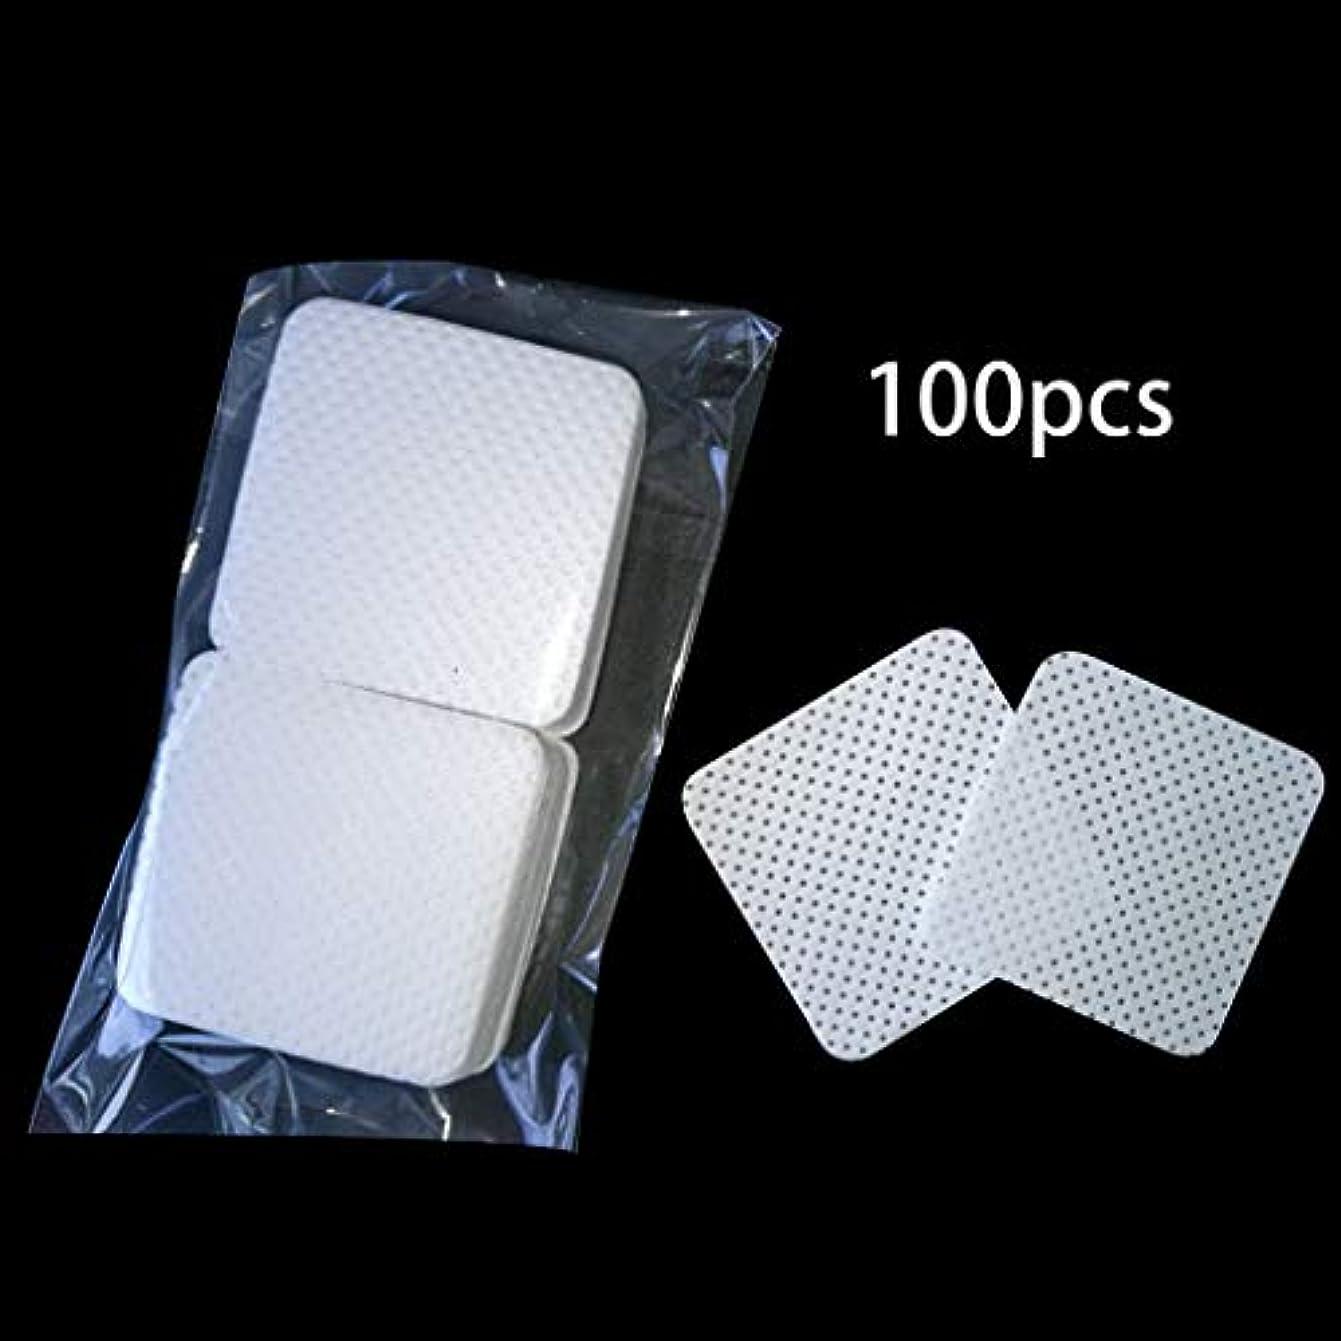 課税手首抑止するLamdoo 100ピース/バッグ使い捨てまつげエクステンション接着剤削除綿パッド瓶口拭きパッチメイク化粧品クリーニングツール